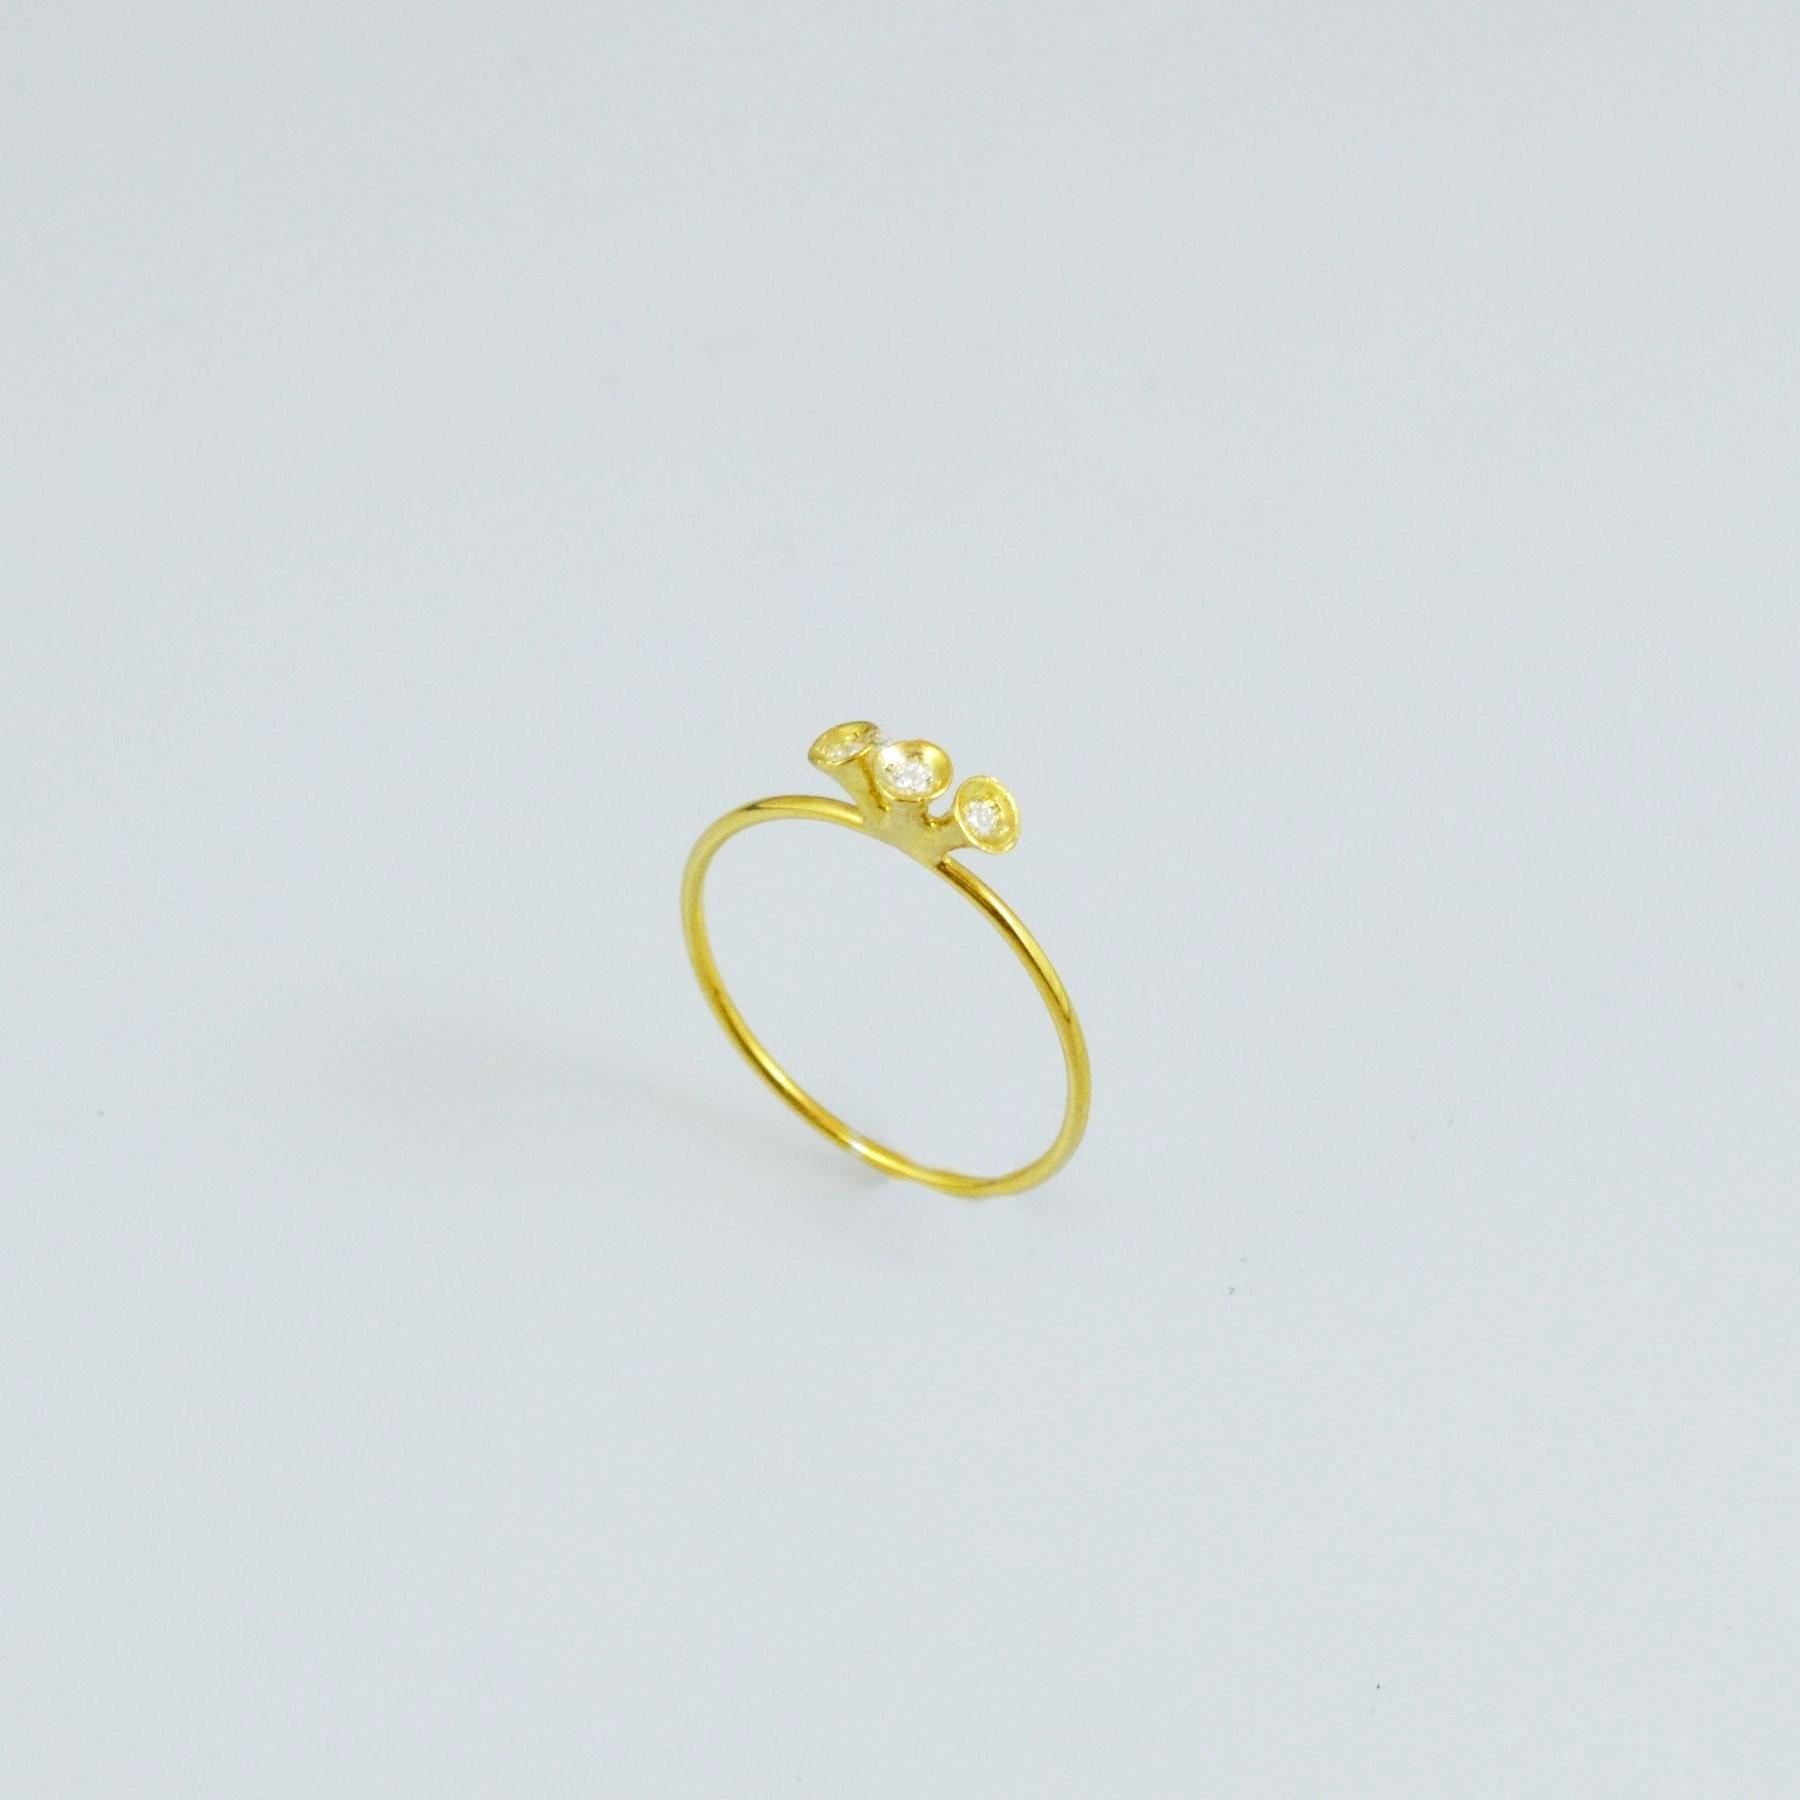 Δαχτυλίδι χειροποίητο χρυσό ή λευκόχρυσο στα 18 ή 14 καράτια με διαμάντια ή κυβικά ζιρκόνια